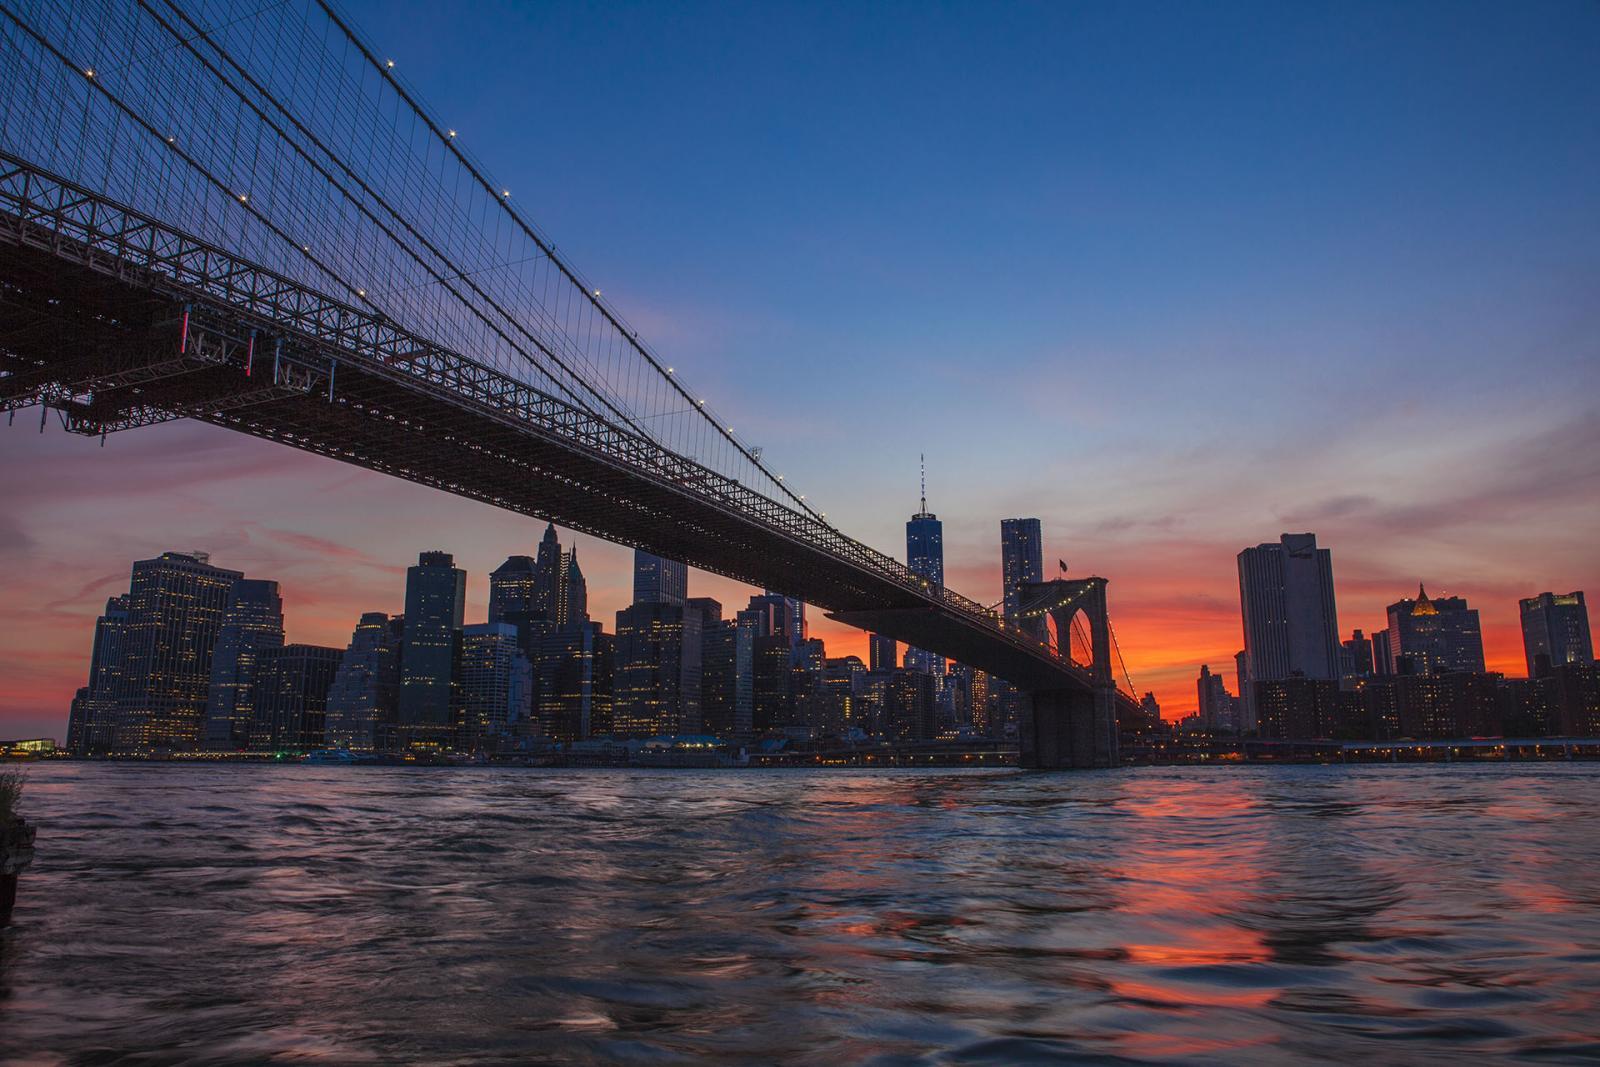 Bootsfahrt New York in der Abenddämmerung: Twilight Tour